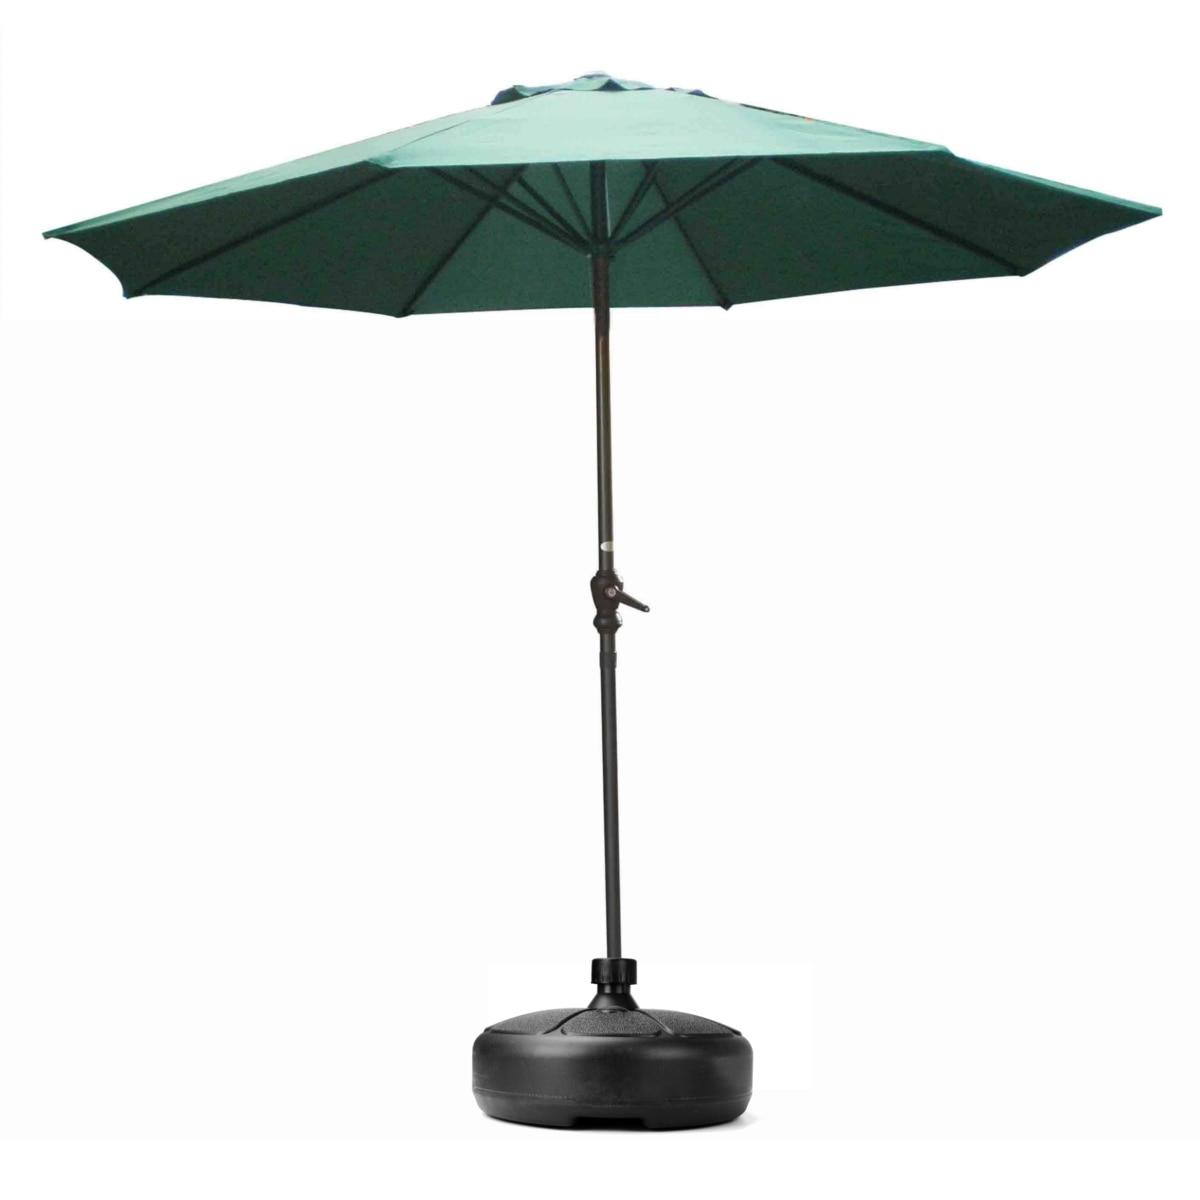 Patio Umbrella Bracket: Outdoor Furniture Parasol Garden Umbrella Stand Round